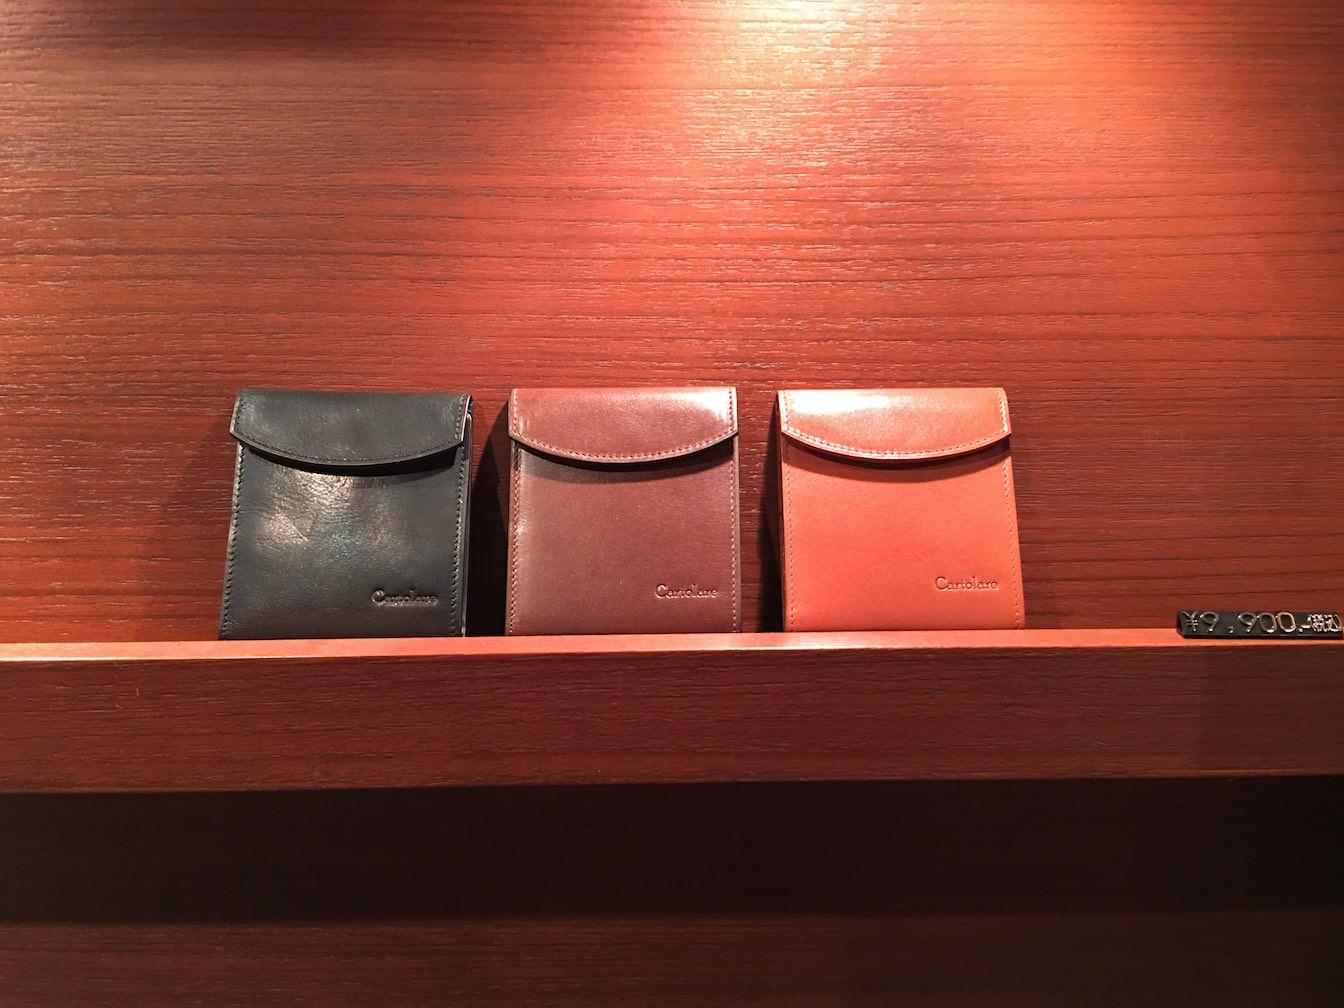 Caltolare reception hammock wallet compact 32